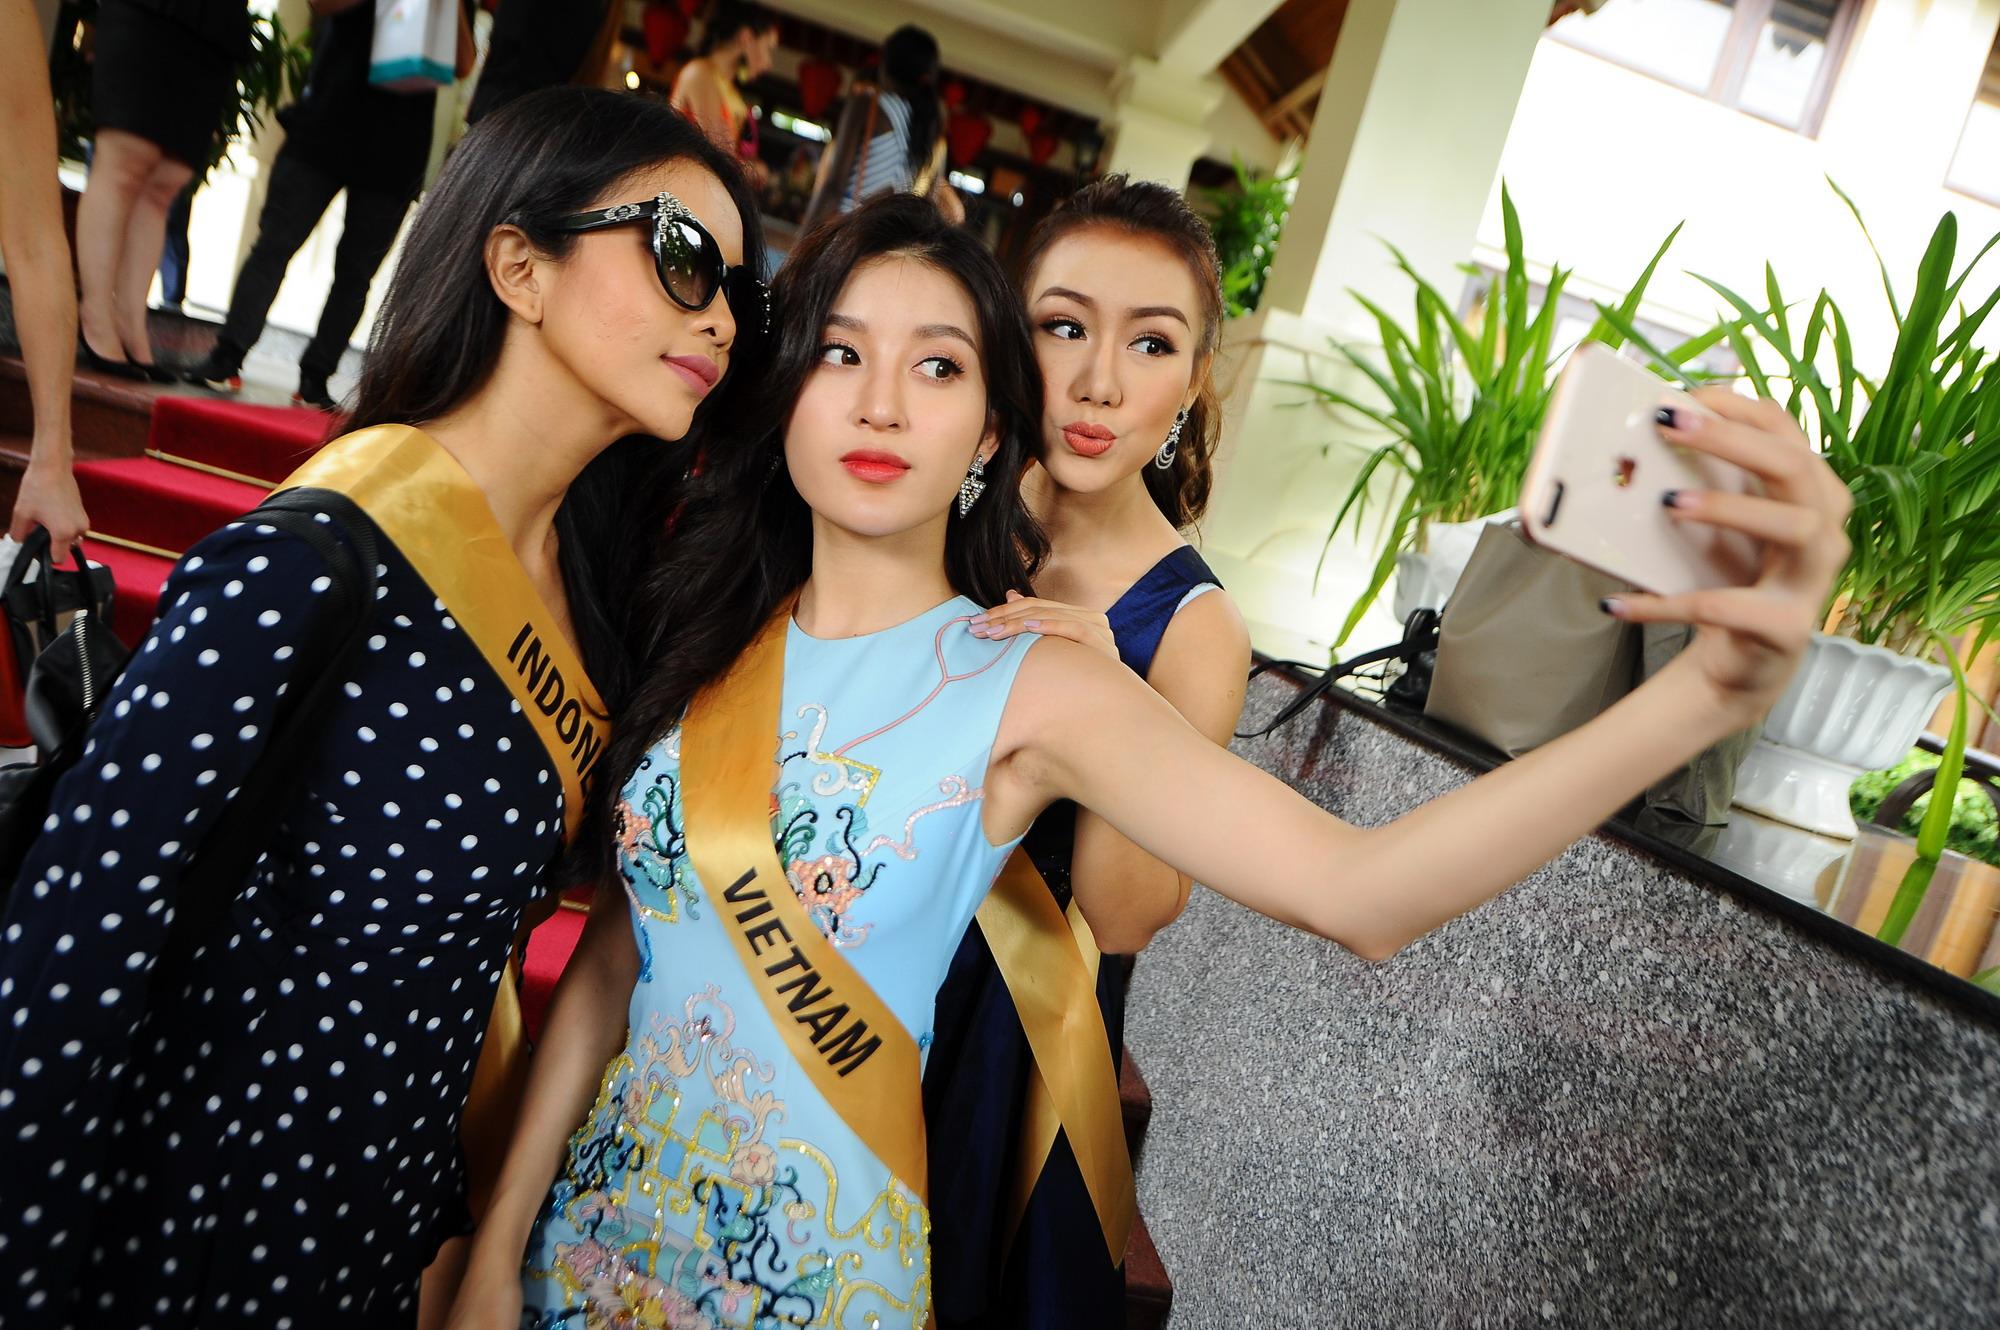 Huyền My xinh đẹp đọ sắc cùng các thí sinh Miss Grand International tại động Thiên Đường - Ảnh 2.